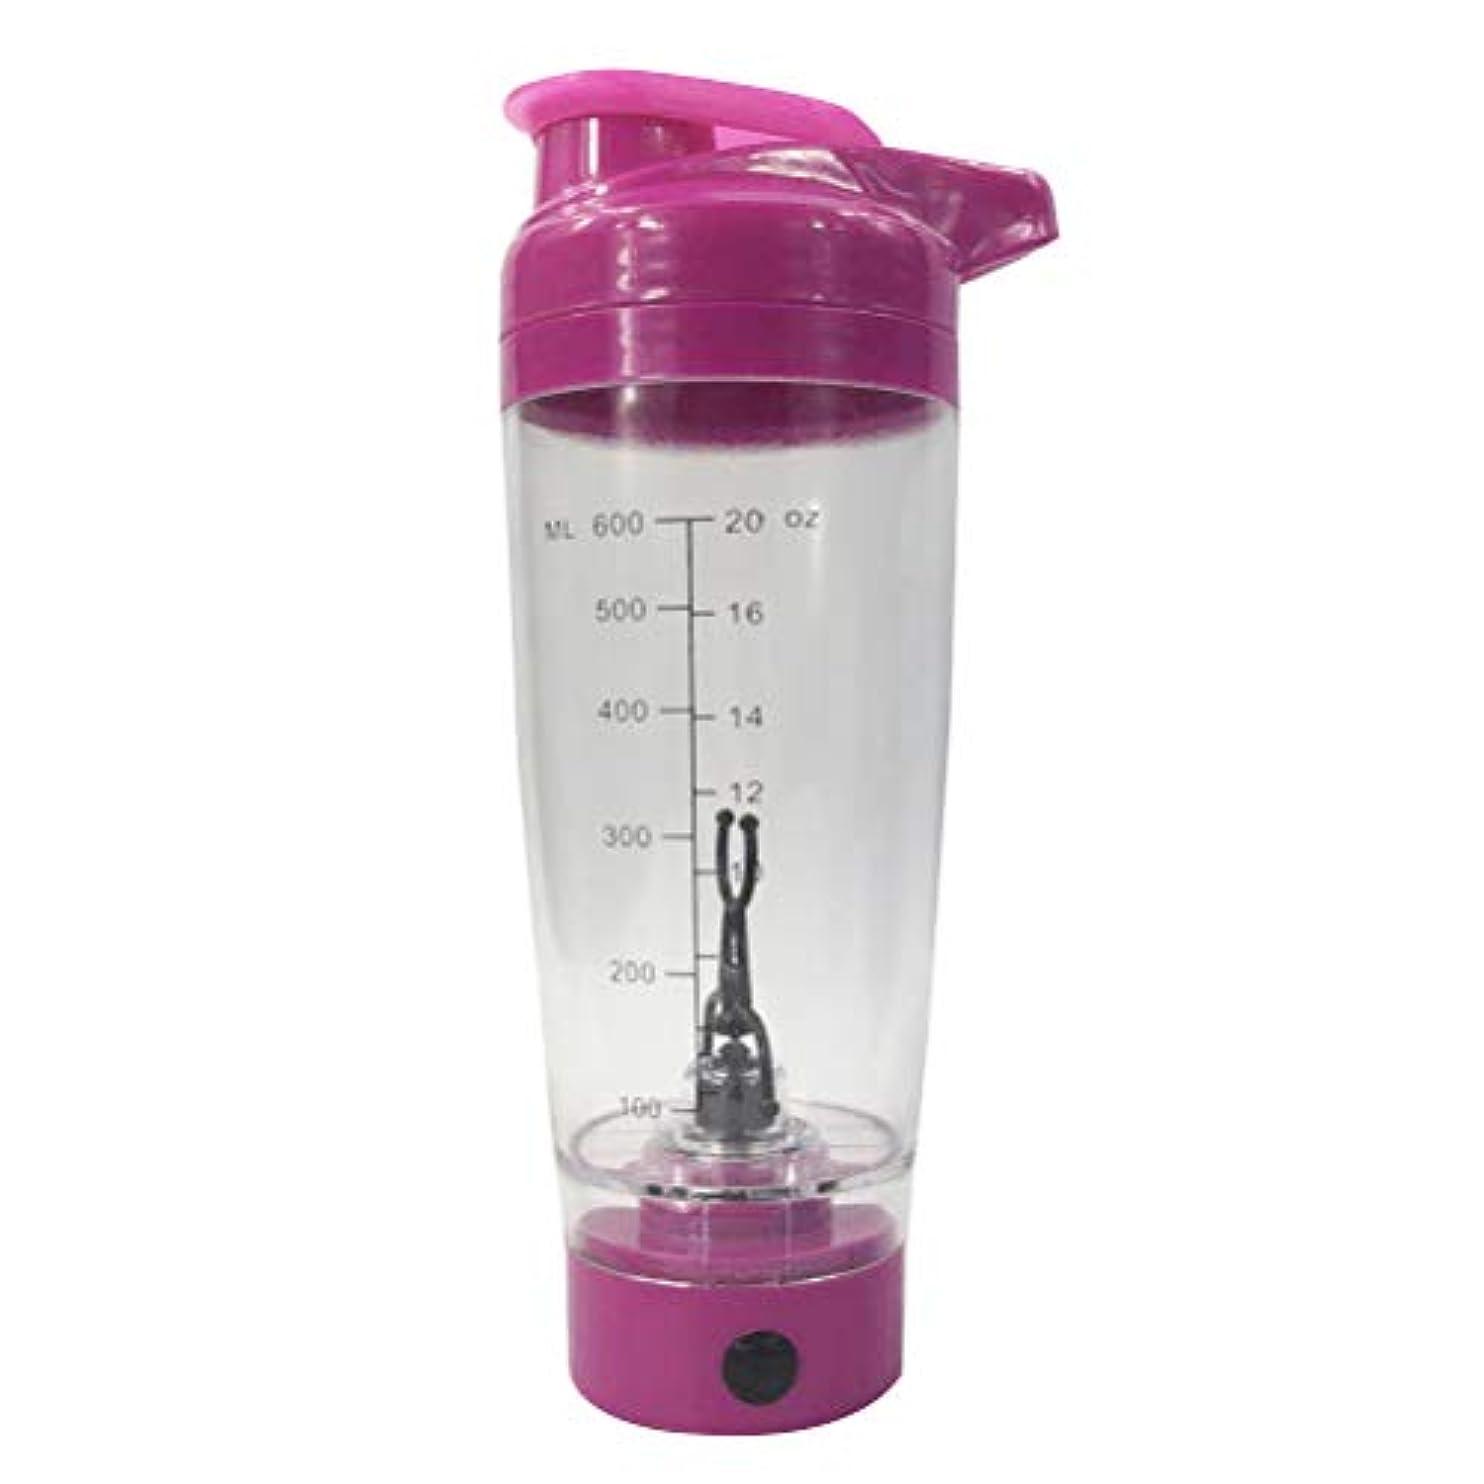 次不定請求BESTONZON 電動シェーカー プロテインシェーカー ボトル 多機能 ポータブル 自動攪拌ミキサー 電池式 600ml(ローズレッド)